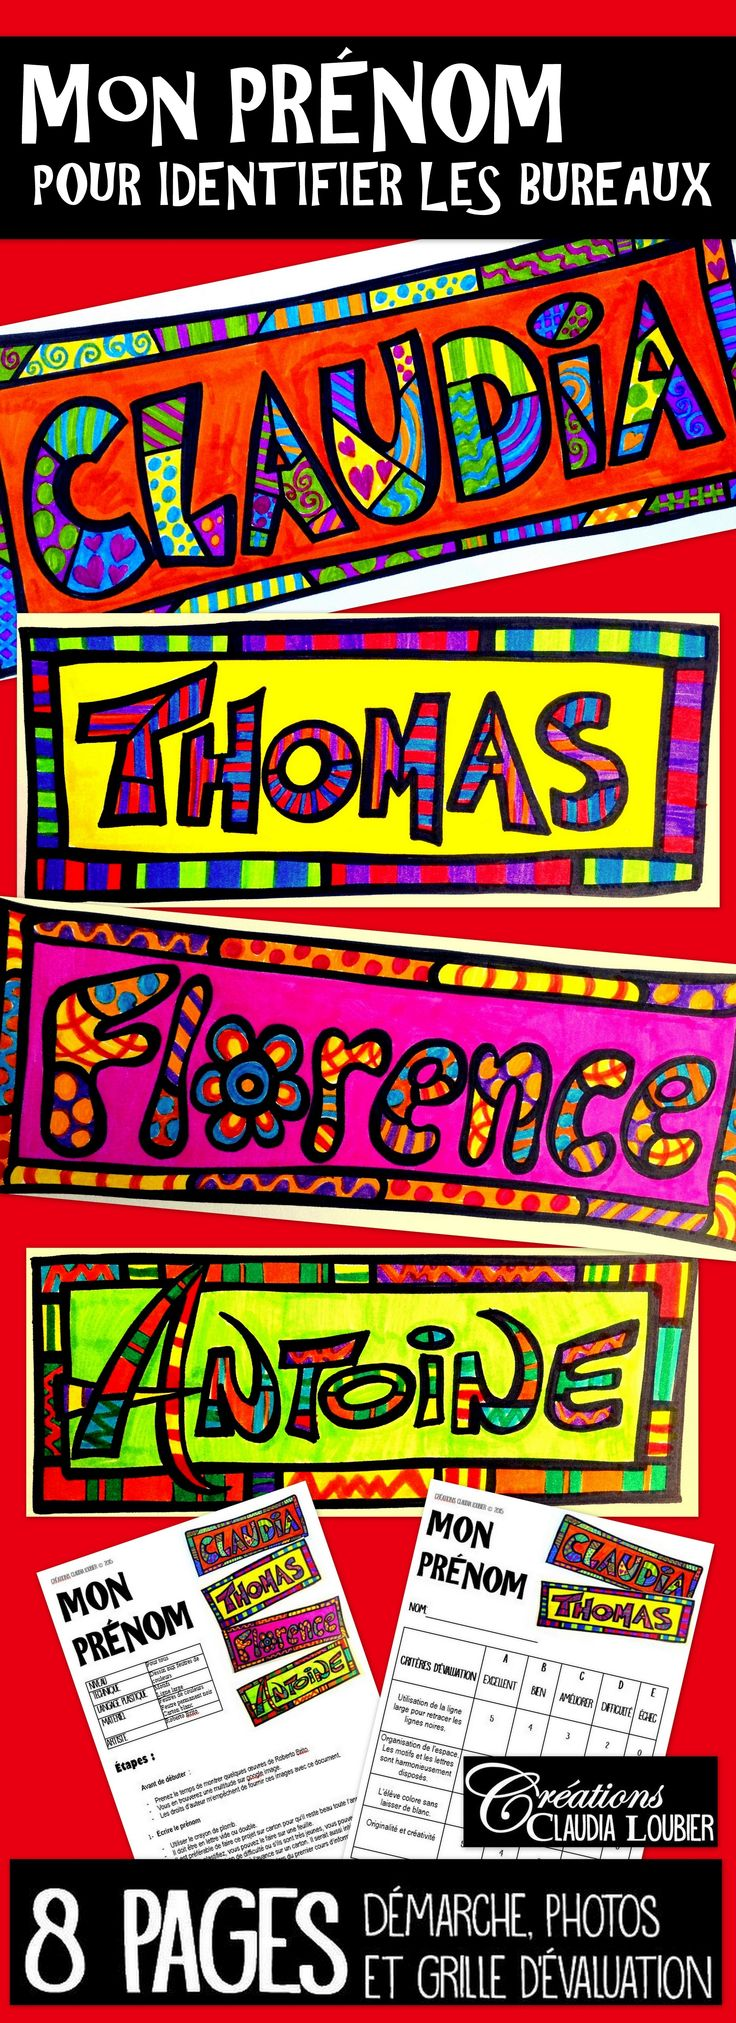 Débuter votre année artistiquement avec cette activité amusante et enrichissante. Voici un projet d'arts plastiques pour l'identification des bureaux, par vos élèves. Avec ce projet, chaque élève est amené à créer son prénom à la manière de Roberto Brito. Vous trouverez aussi une feuille d'exercice pour travailler les motifs, gratuitement sur ma boutique.